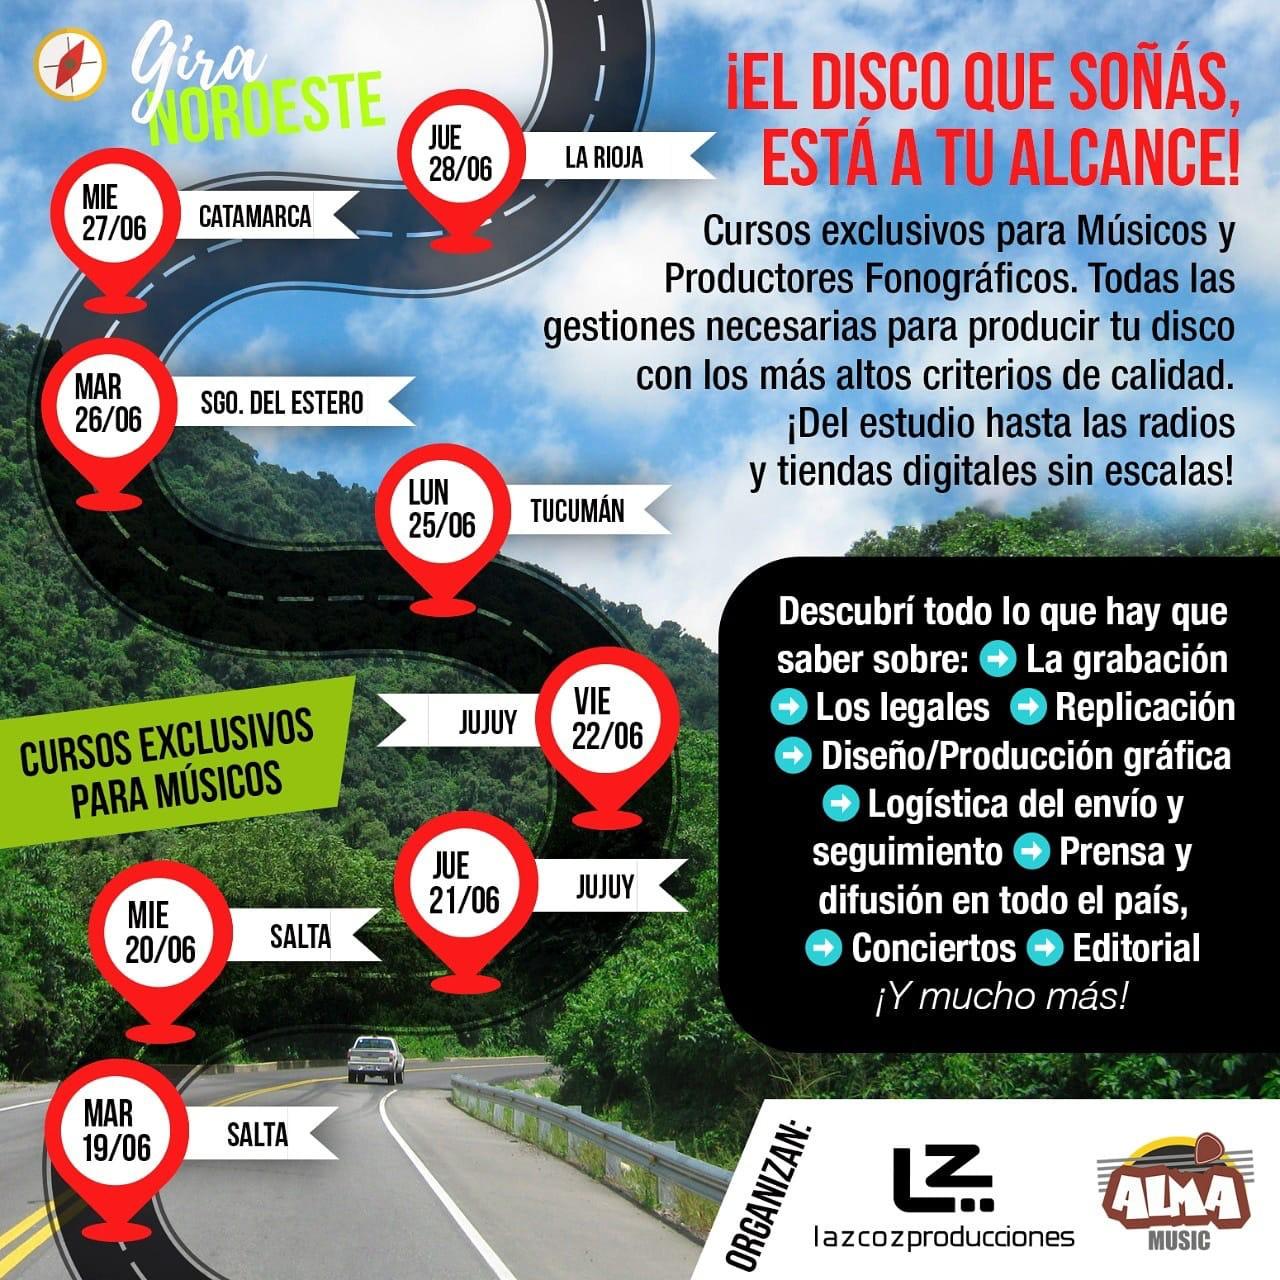 """Atención a todo el NOA #Jujuy #Salta #Tucuman #Santiago #Catamarca #LaRioja Curso Gratuito """"Tu Camino al disco"""" para #Músicos #Artistas #Productores #Instituciones #Fundaciones #Gremios Inscríbete Gratuitamente aquí:"""